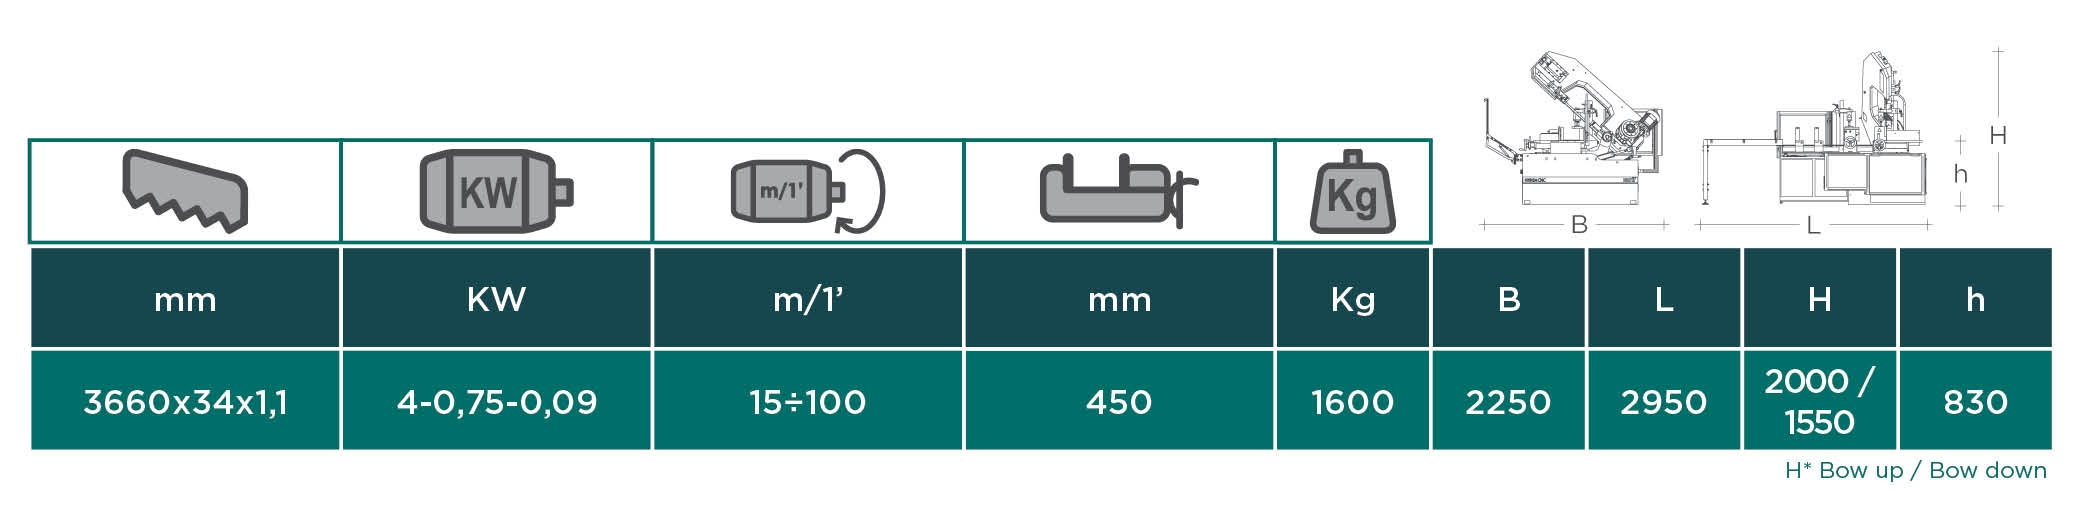 Carif bandsaegen automatische mit vollhydraulischen systemen 450 BA CNC